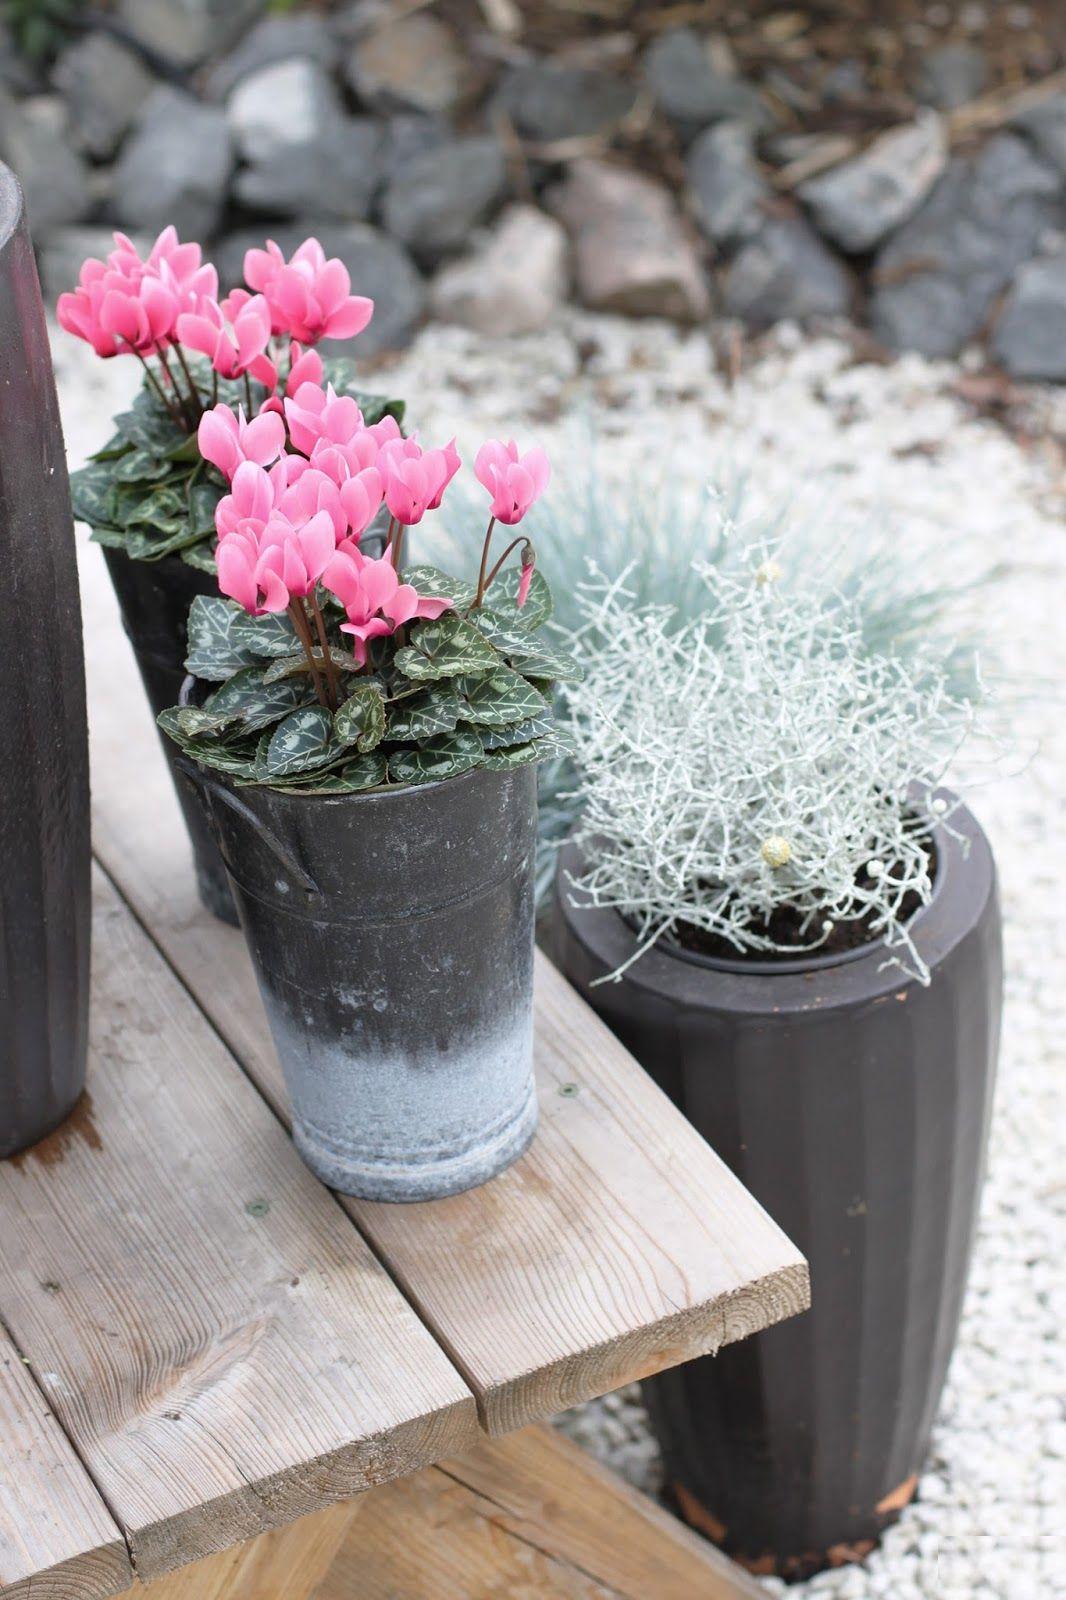 Какие цветы нельзя держать дома: 60 фото прекрасных, но опасных растений, народные приметы и научные обоснования http://happymodern.ru/kakie-cvety-nelzya-derzhat-doma/ Цикламен во время цветения может вызвать аллергию